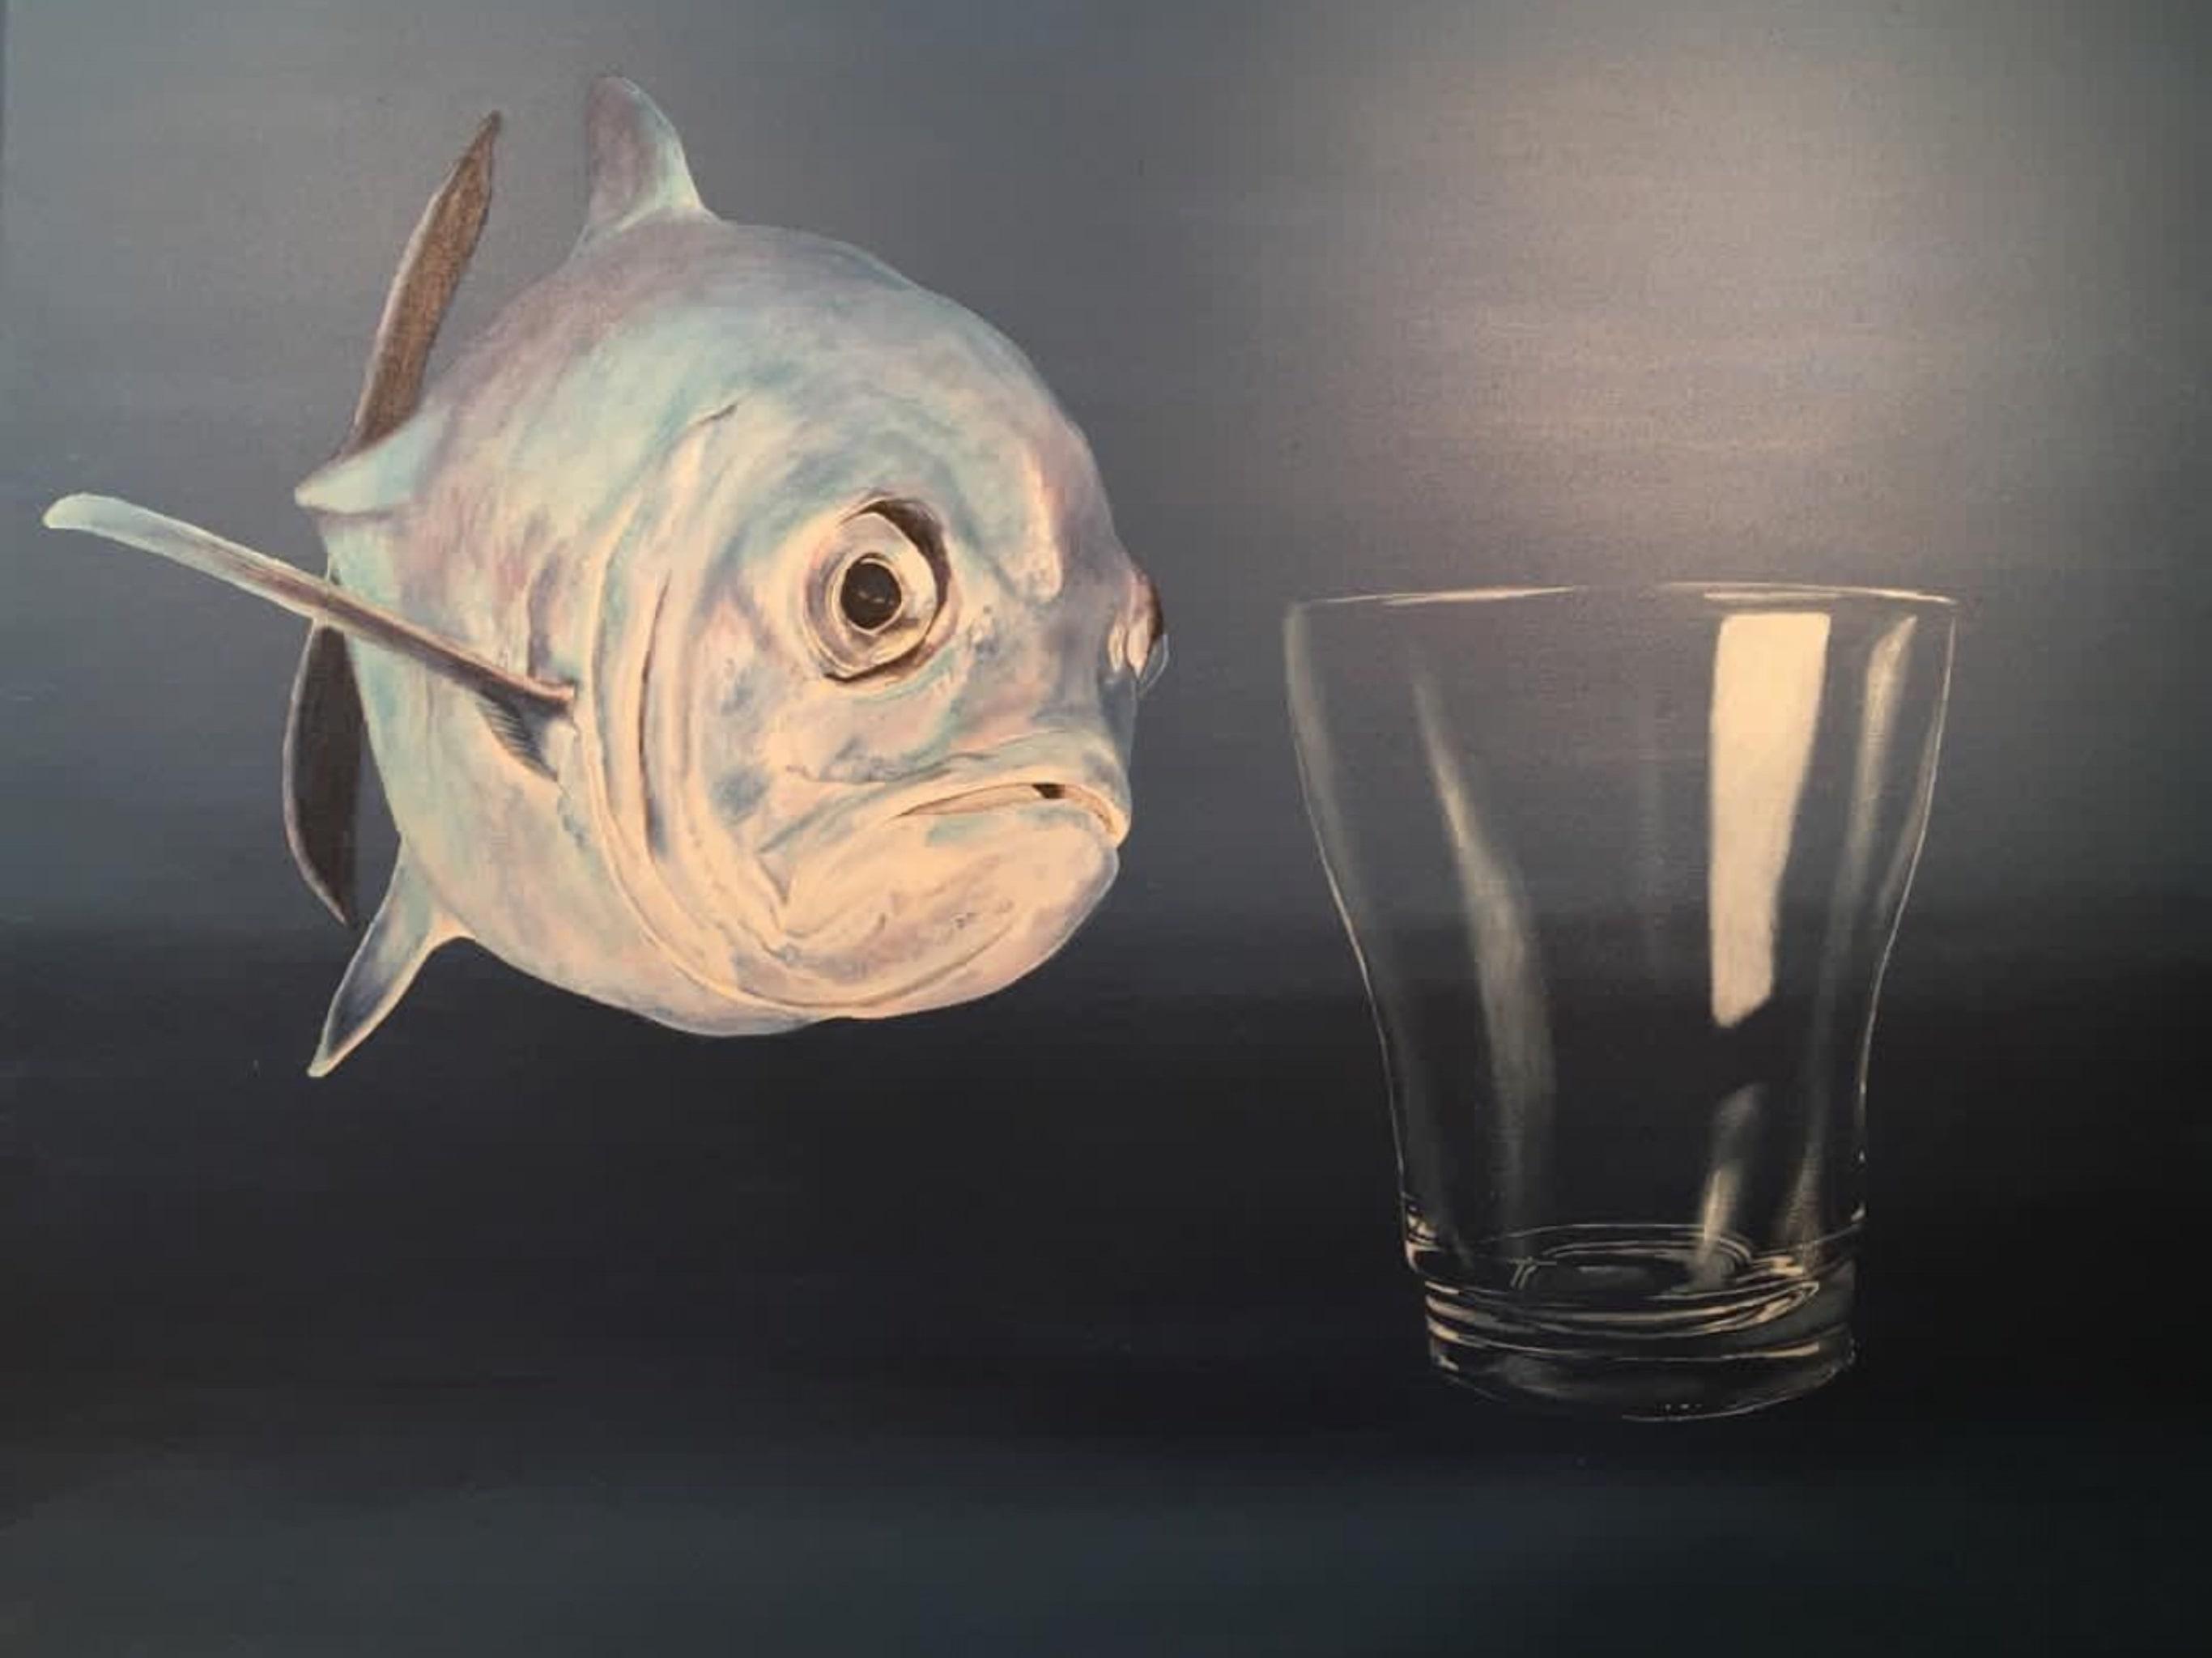 Il Pesce E Il Bicchiere – Der Fisch Und Das Glas